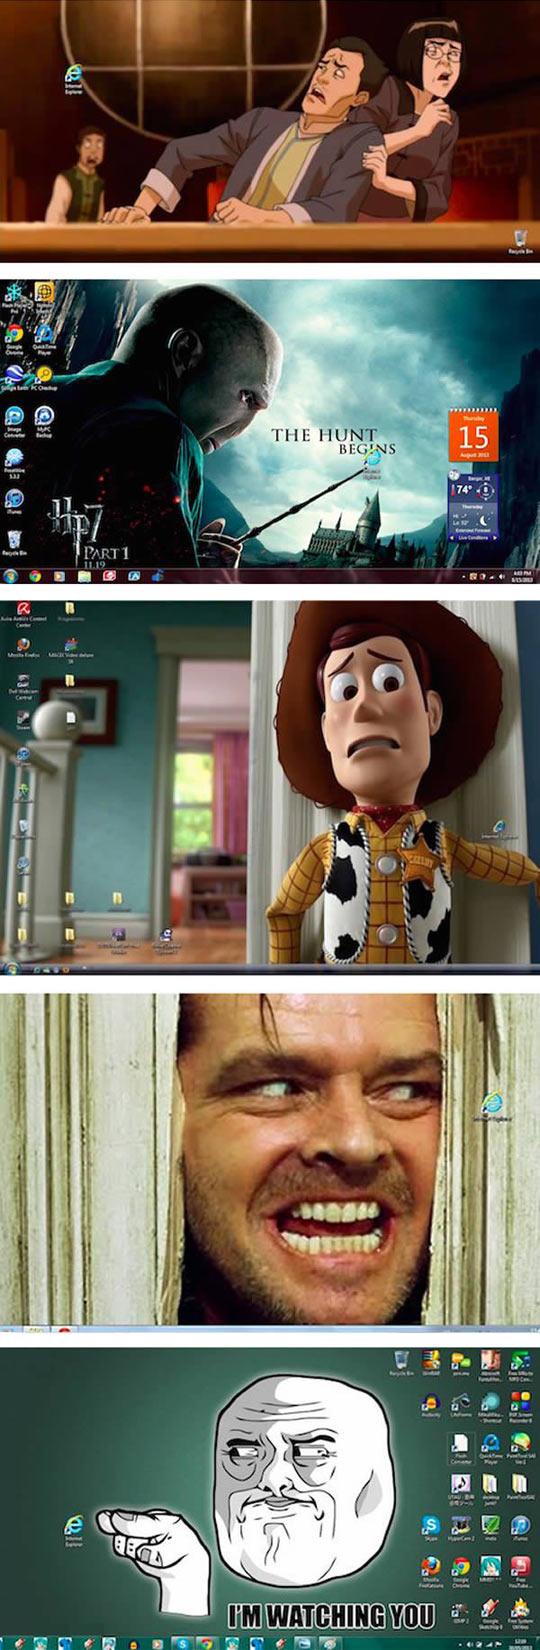 funny-desktop-backgrounds-Internet-Explorer-meme